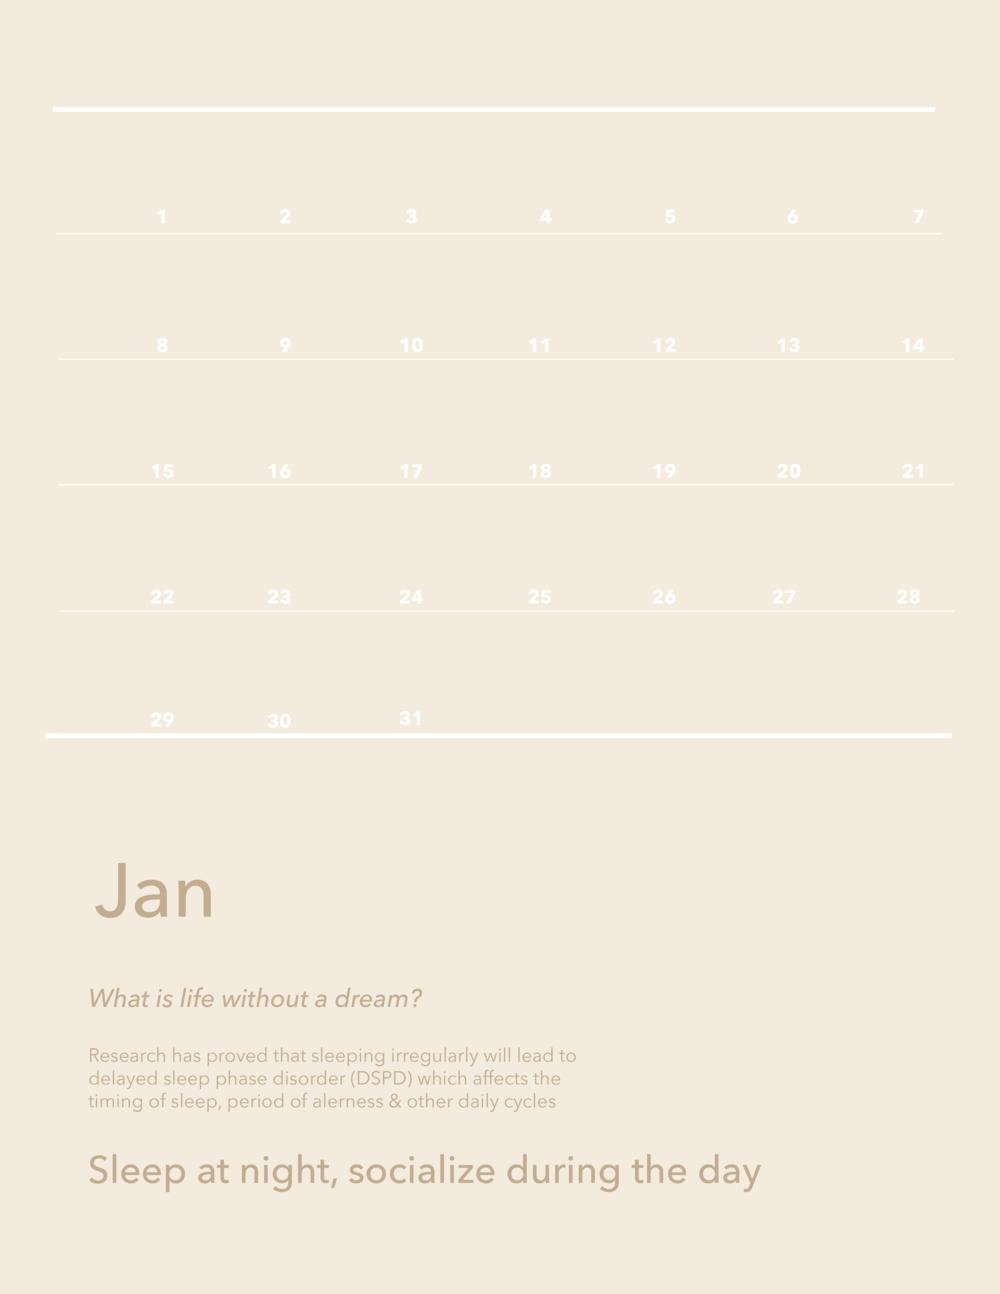 CalendarPoster_nosticker-16.png